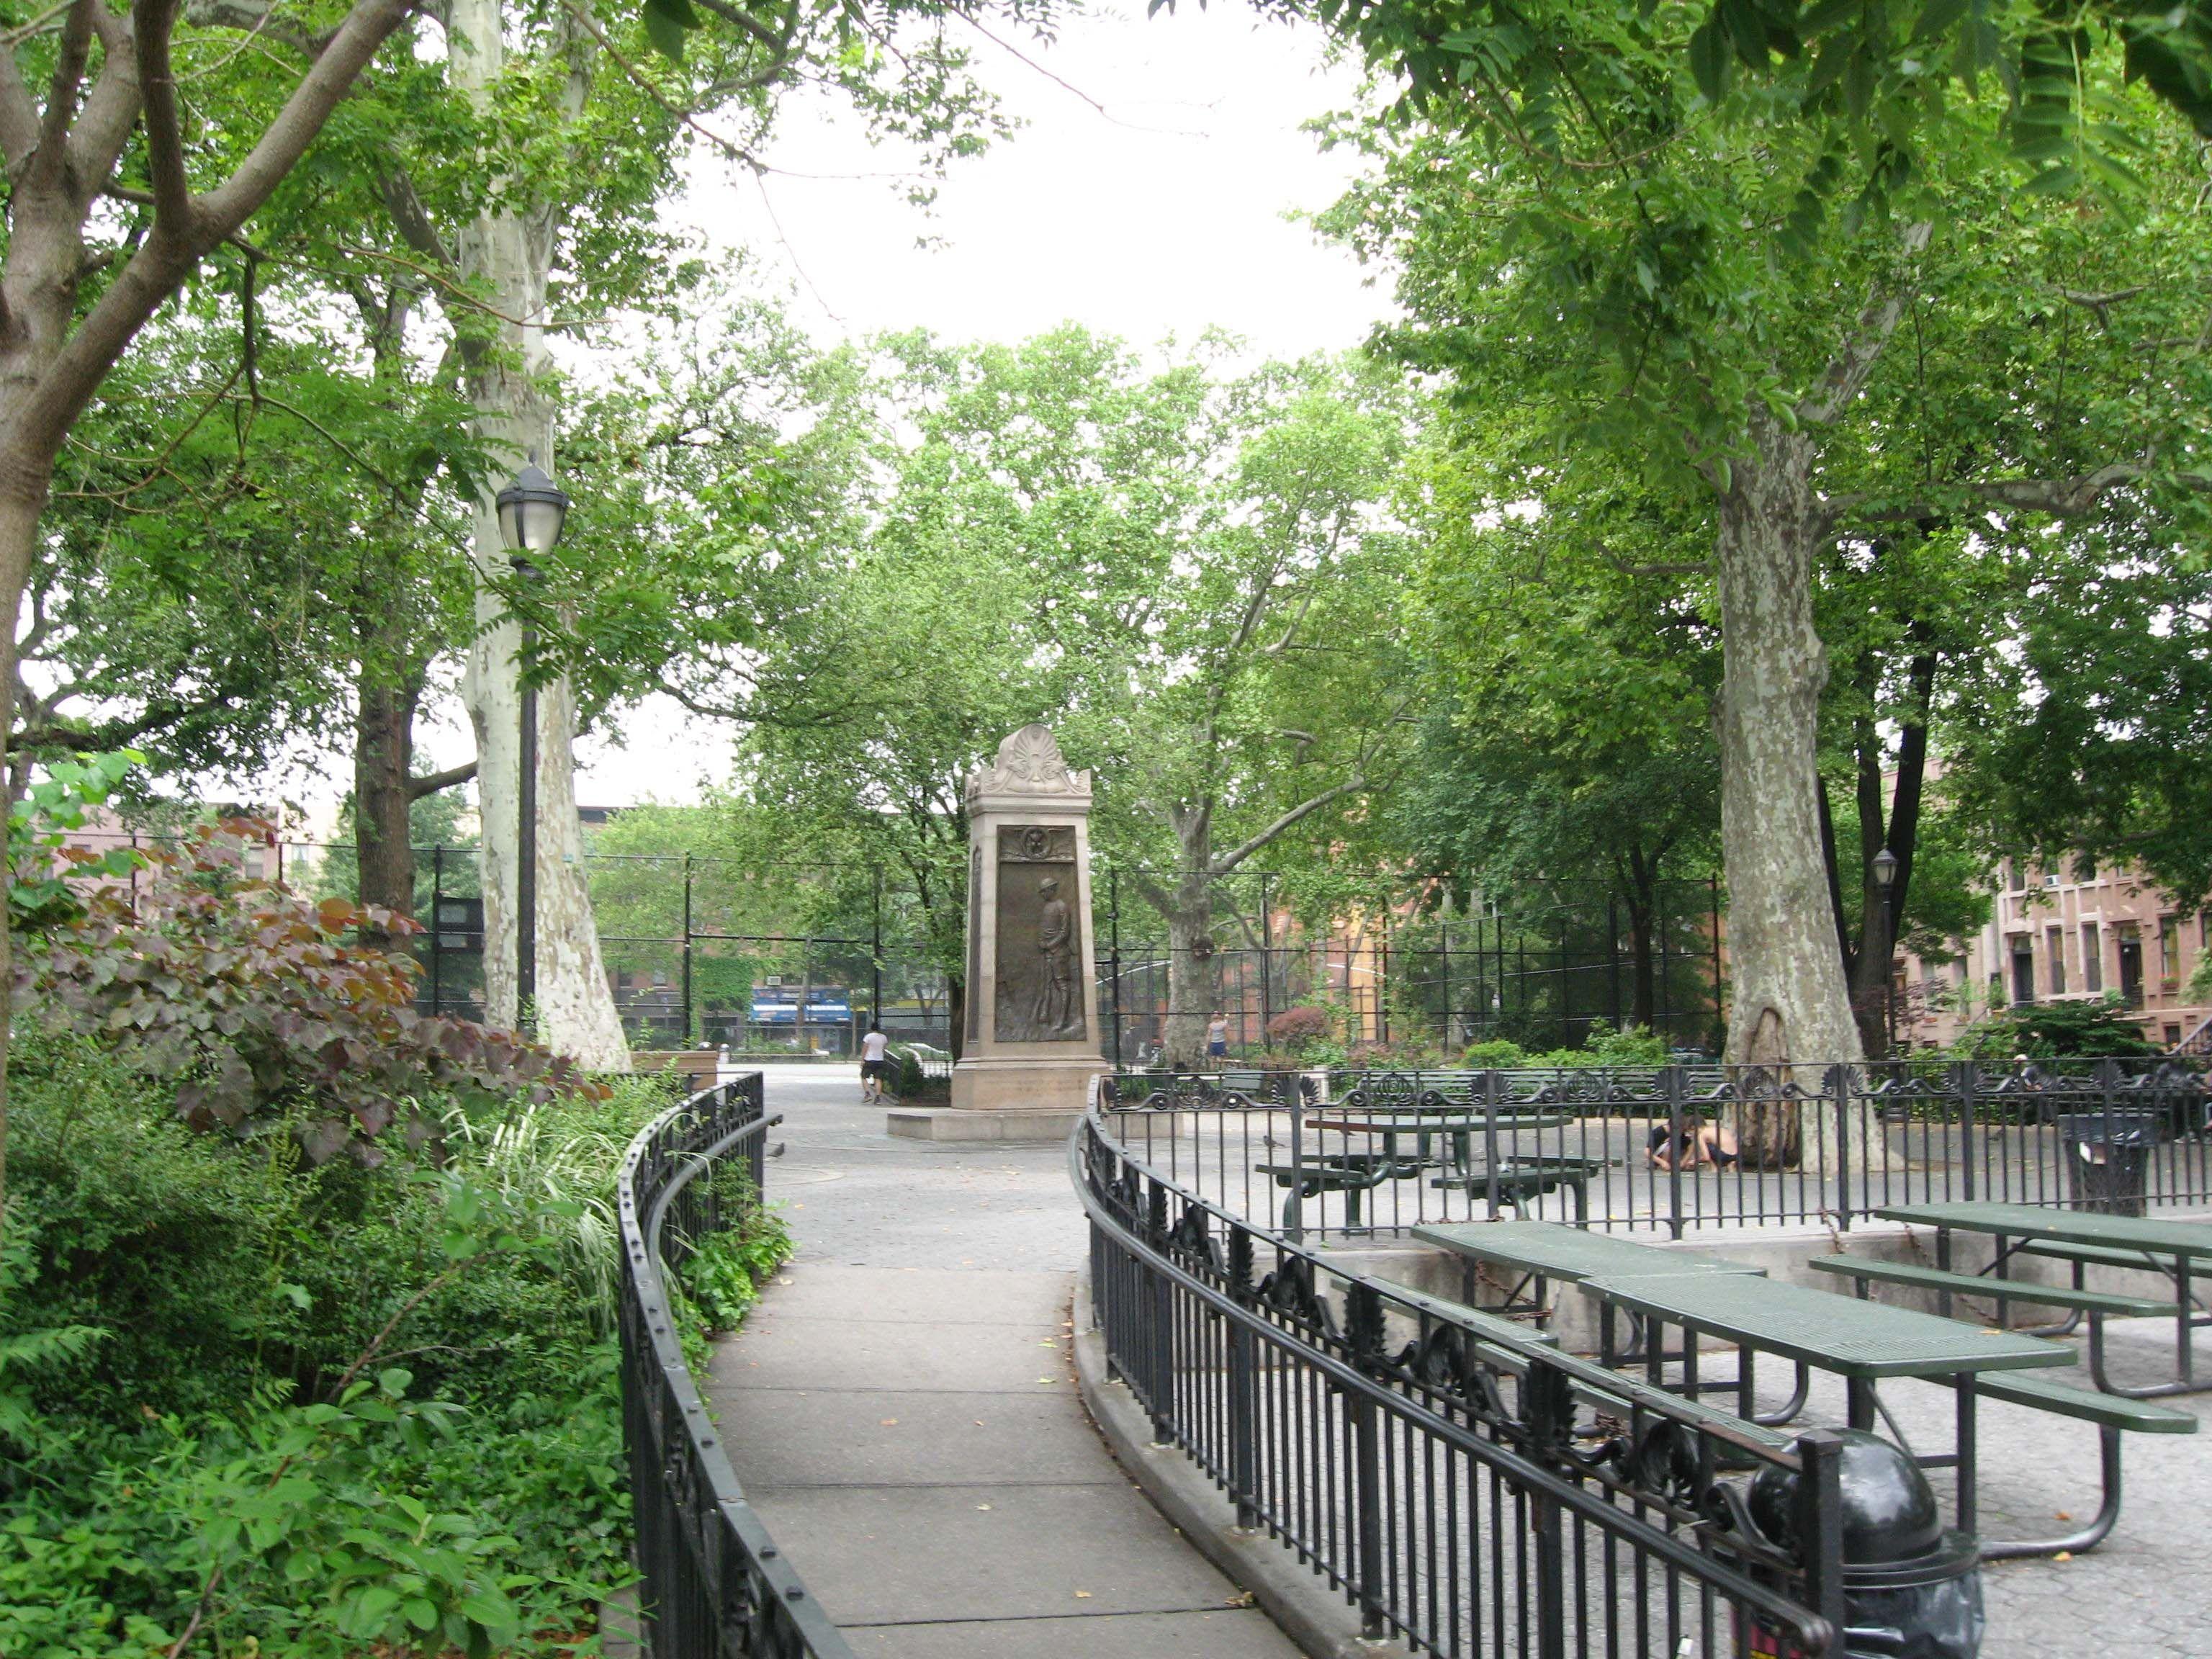 acbe367e352072df71fed5f65b3f6ab6 - Things To Do In Carroll Gardens Brooklyn